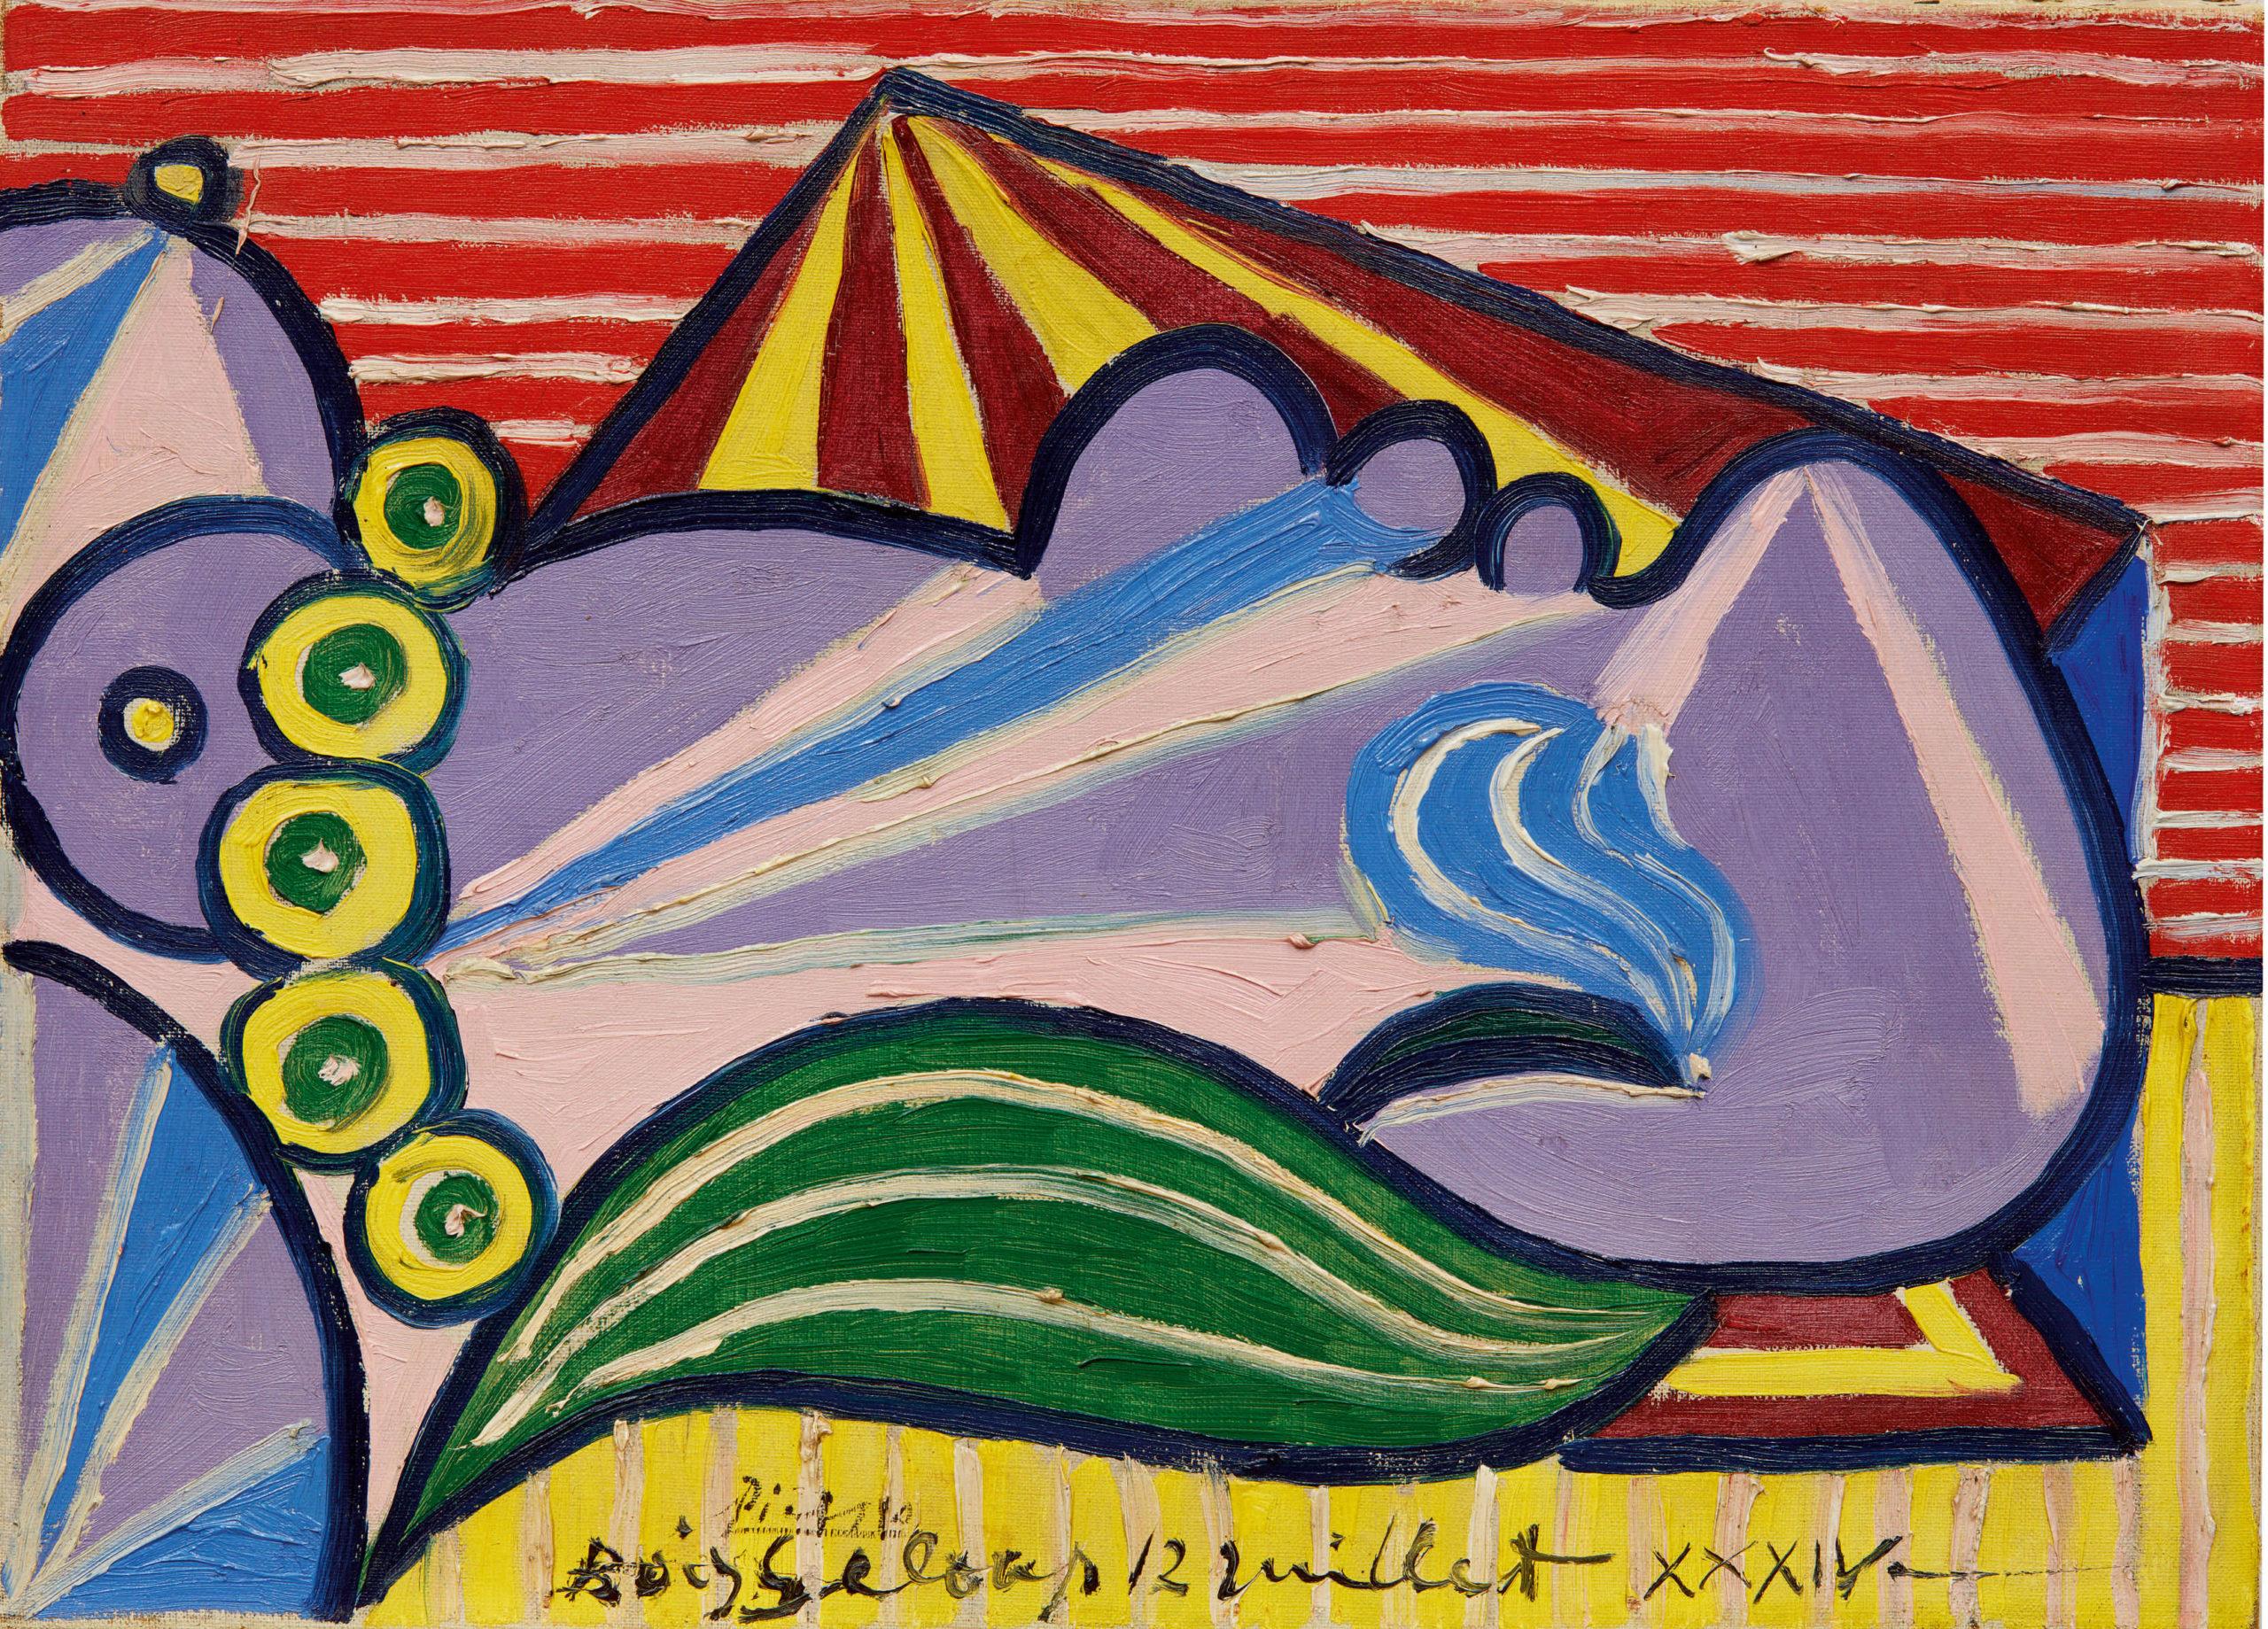 10368 Lot 1014 - Pablo Picasso, Head of a Sleeping Woman (Tête de femme endormie)